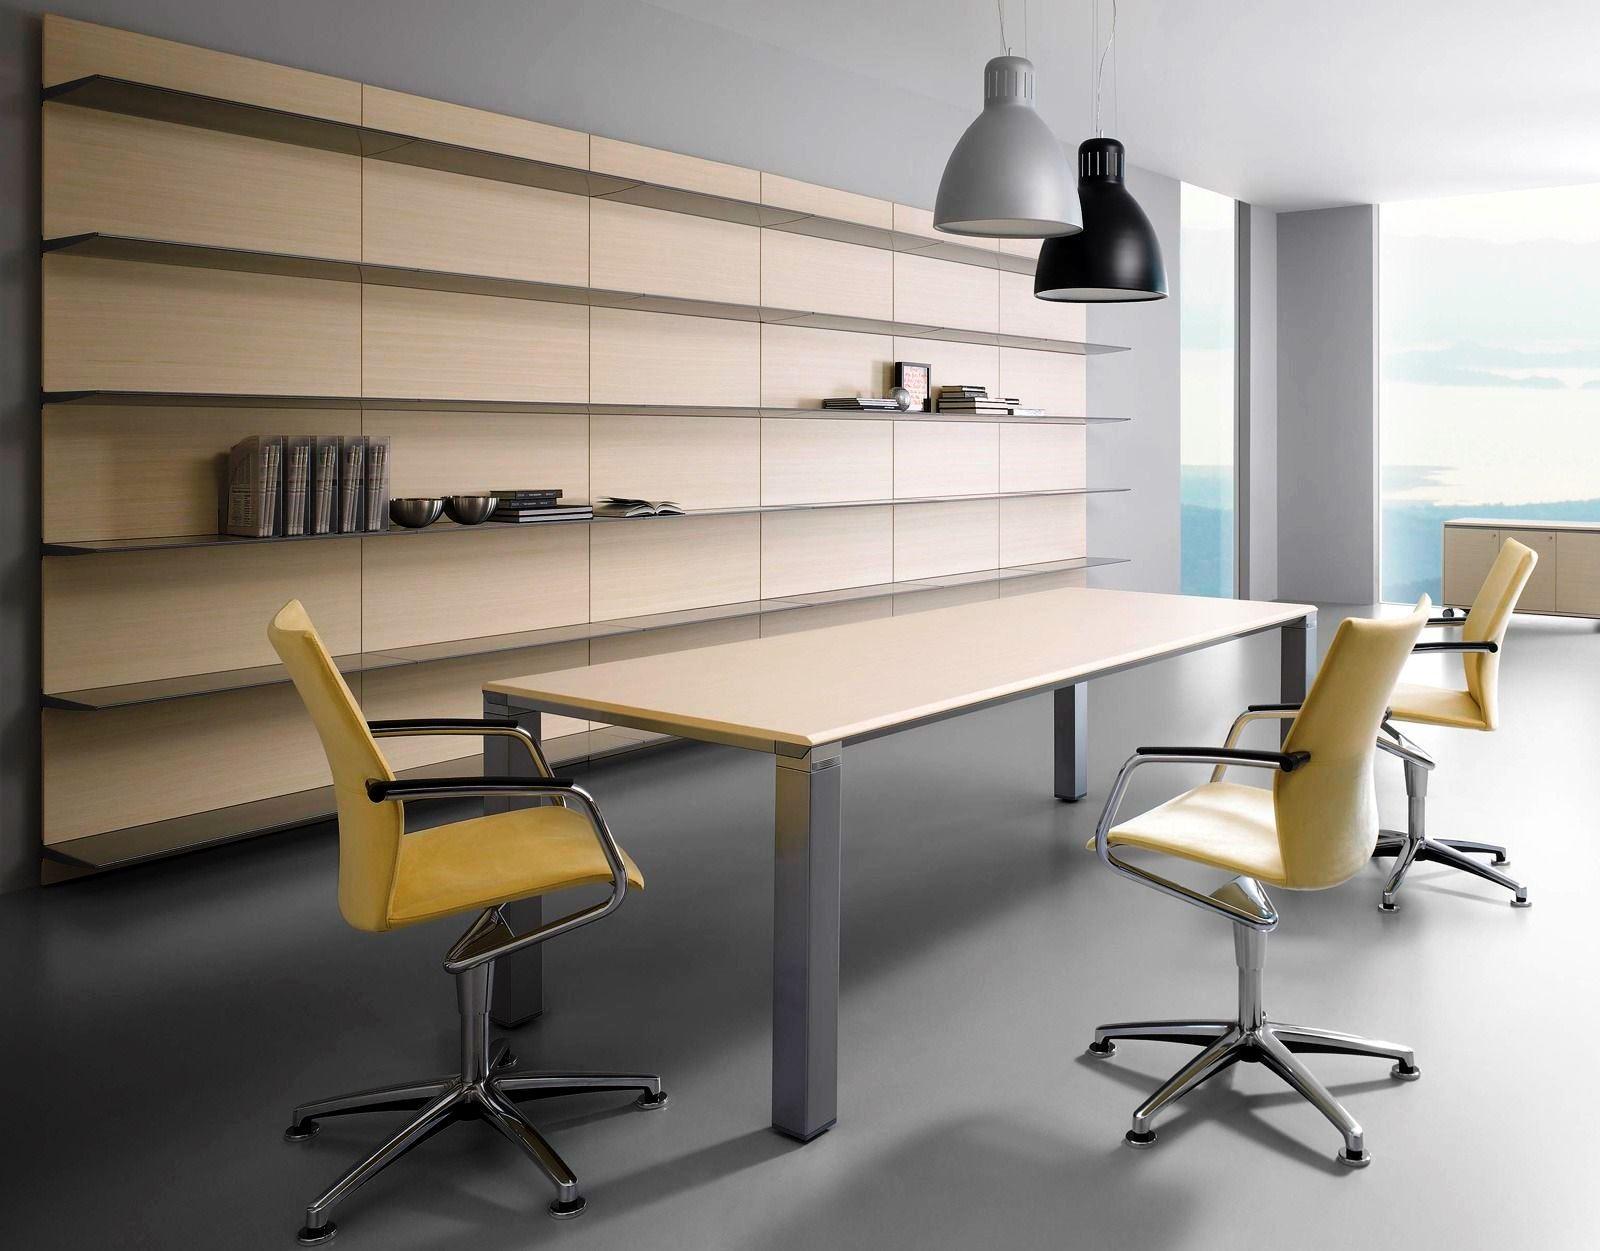 O mobiliário de um escritório define bastante a organização pretendida e a temática envolvente. O mobiliário pode ser constituído por materiais como madeira, vidro, plástico ou mesmo metal.